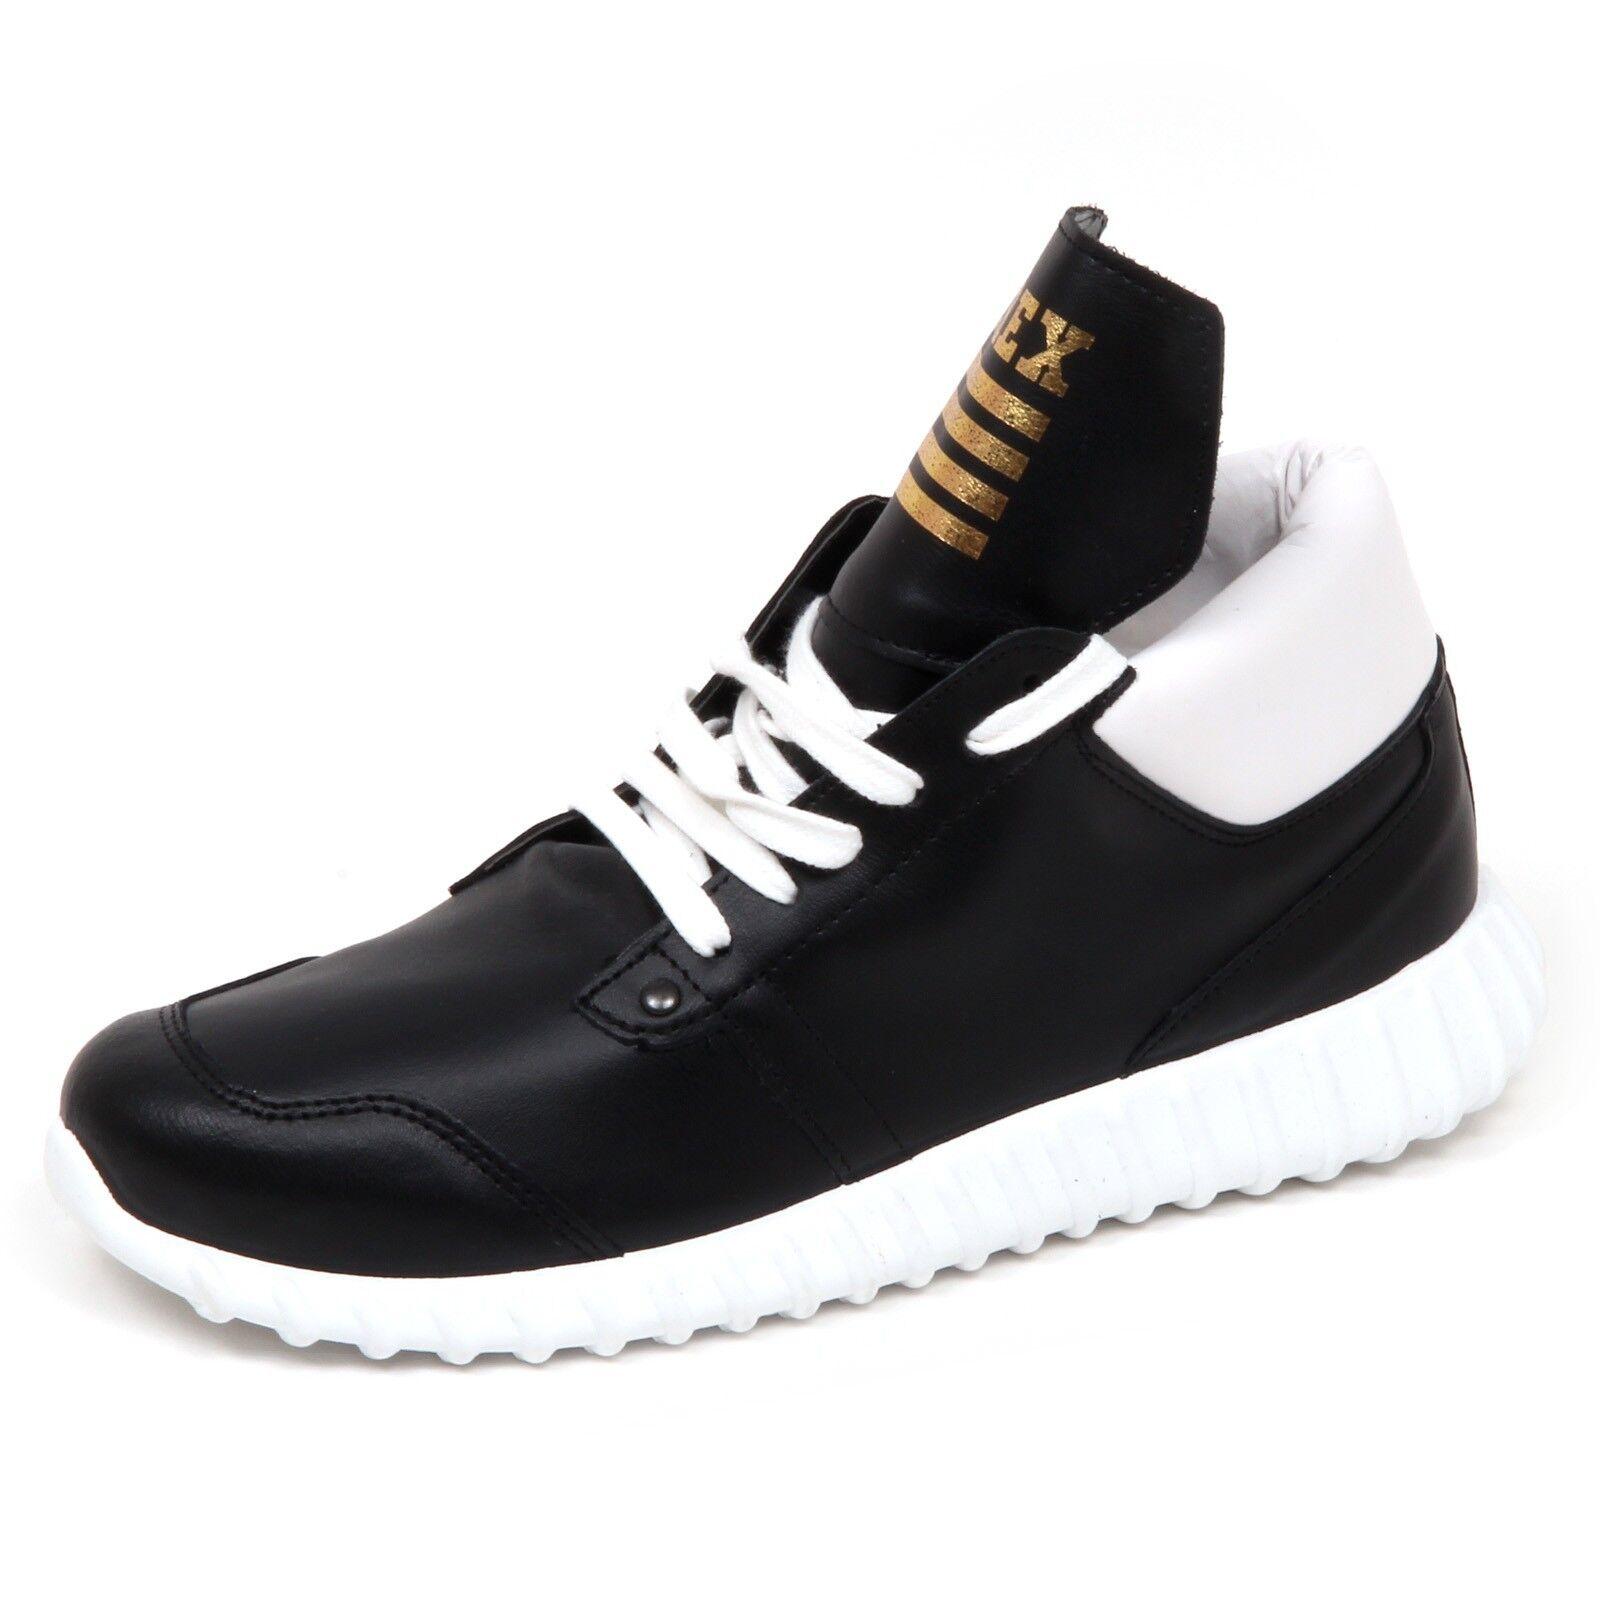 Zapatillas hombres E5246 Negro blancoo Hombre Pyrex zapatos Running zapatos